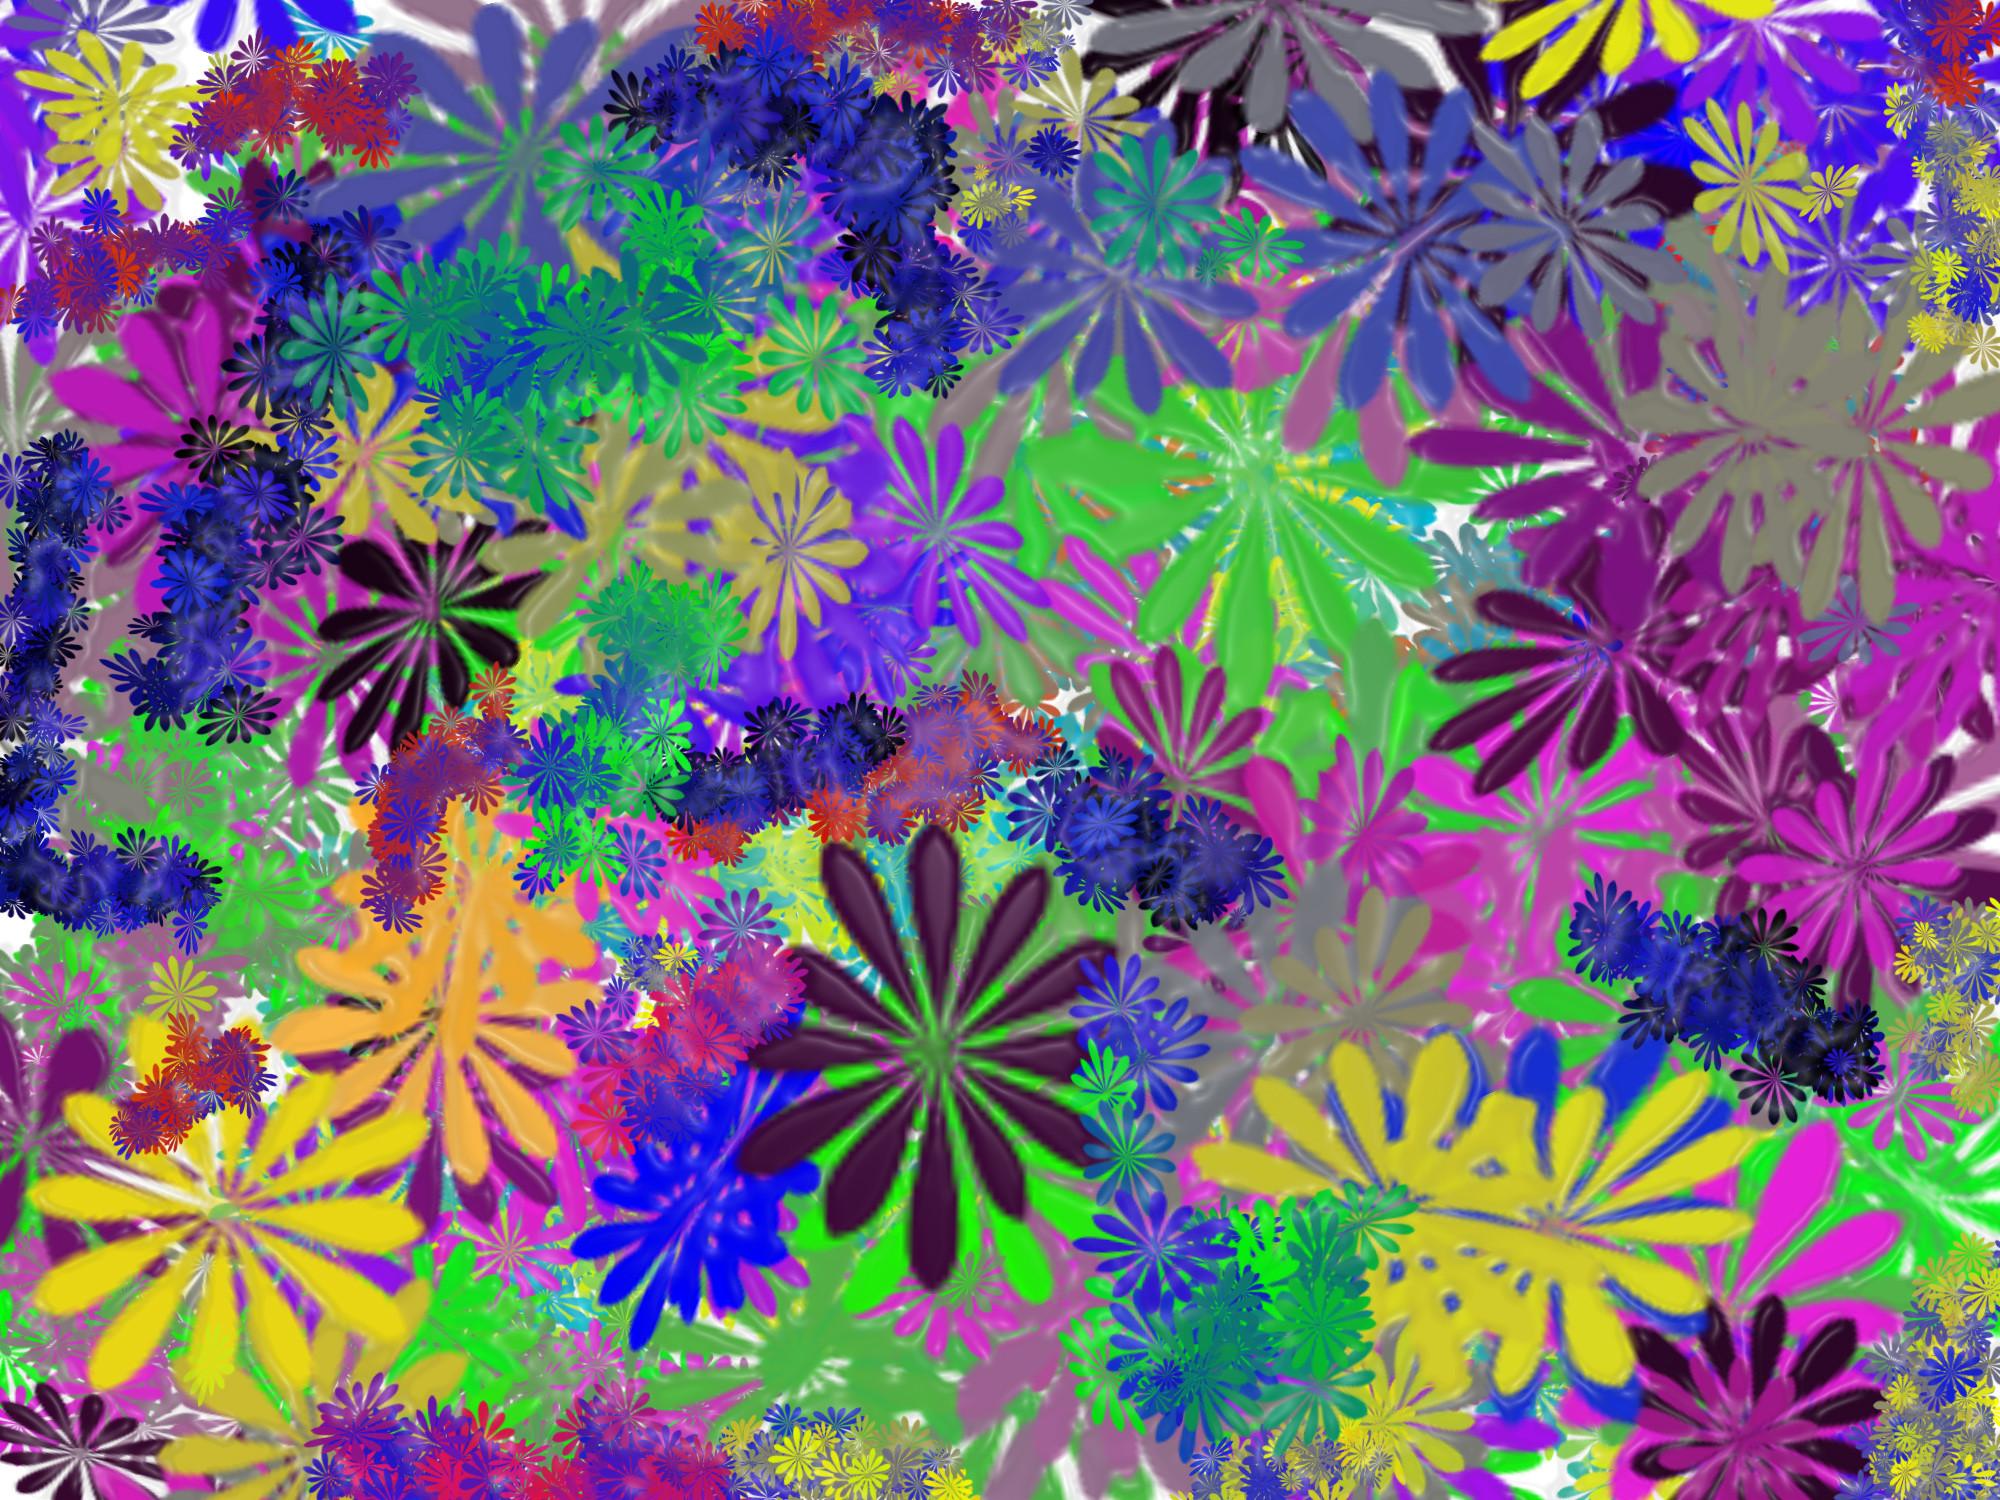 foto de Flower Power Background (47+ images)